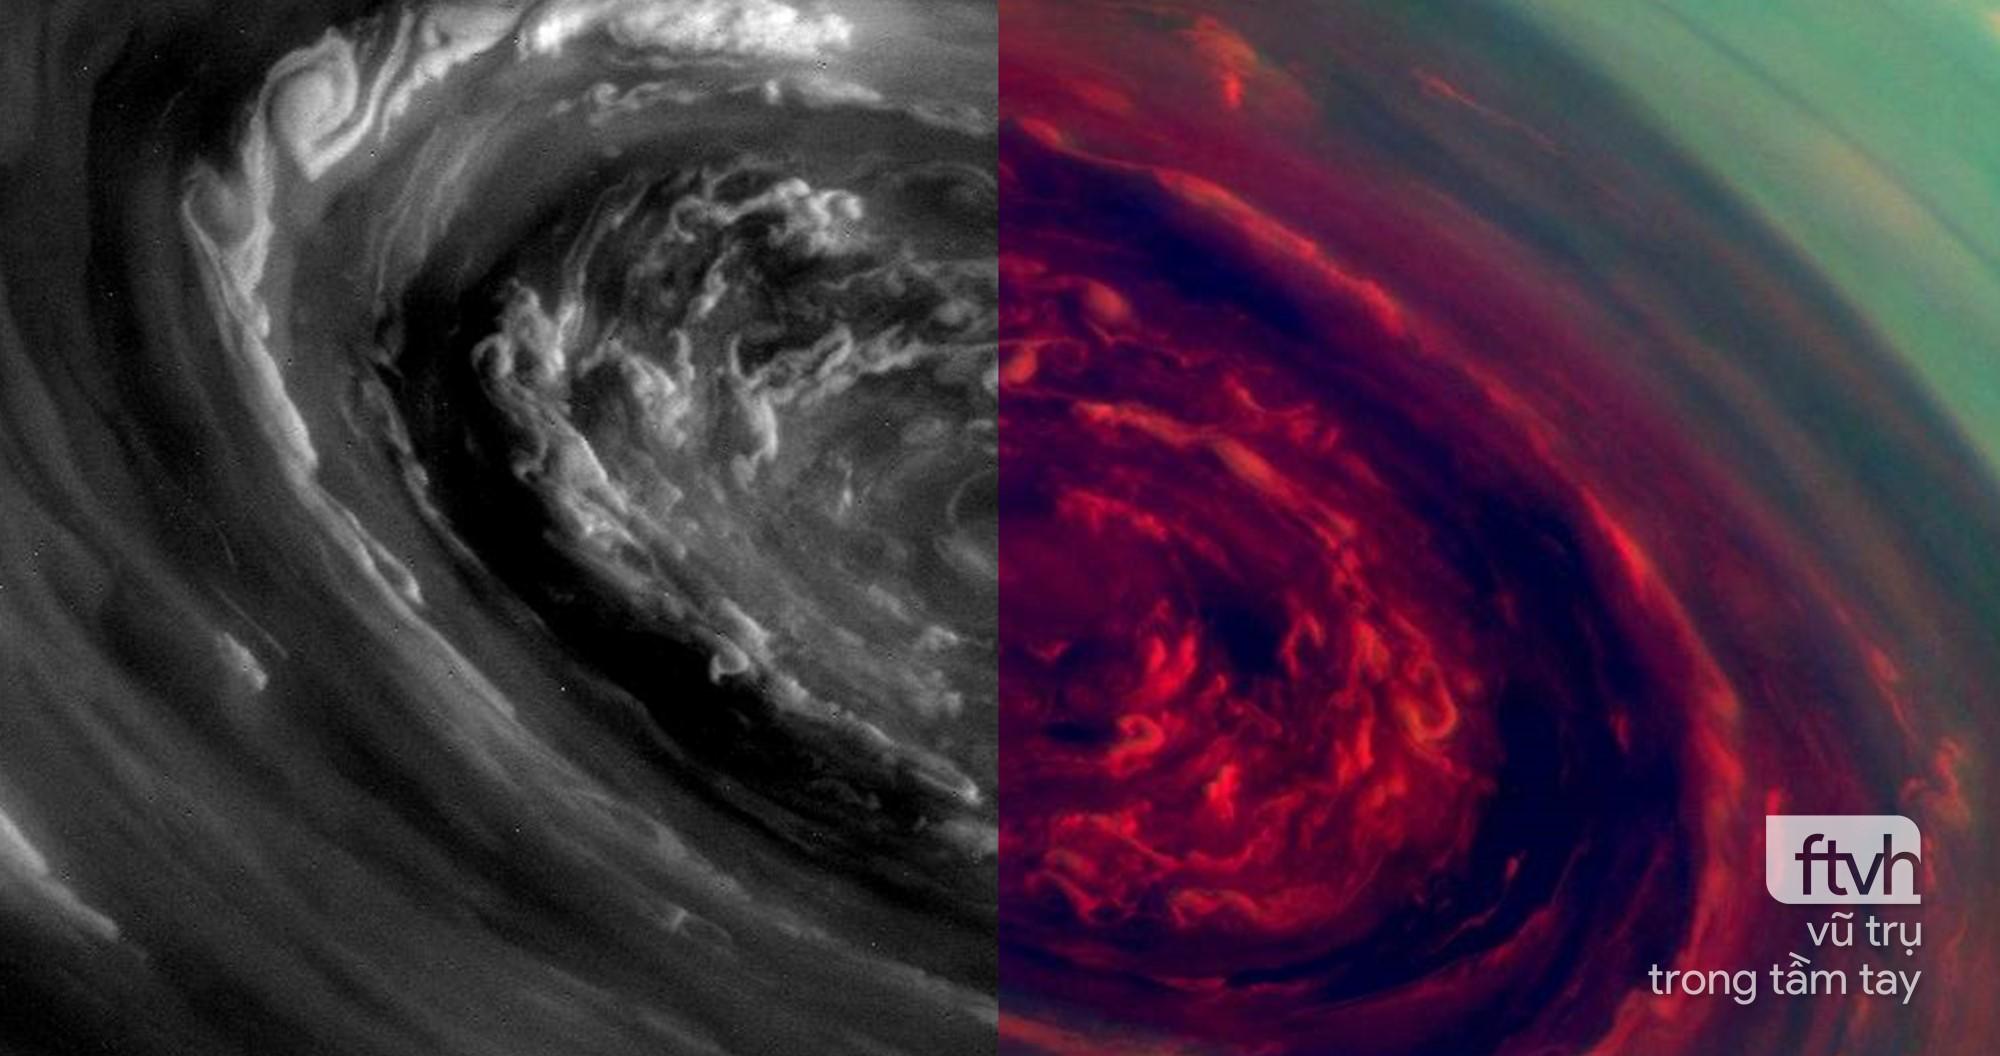 Tại sao tàu vũ trụ lại chỉ chụp hình ảnh đen trắng?